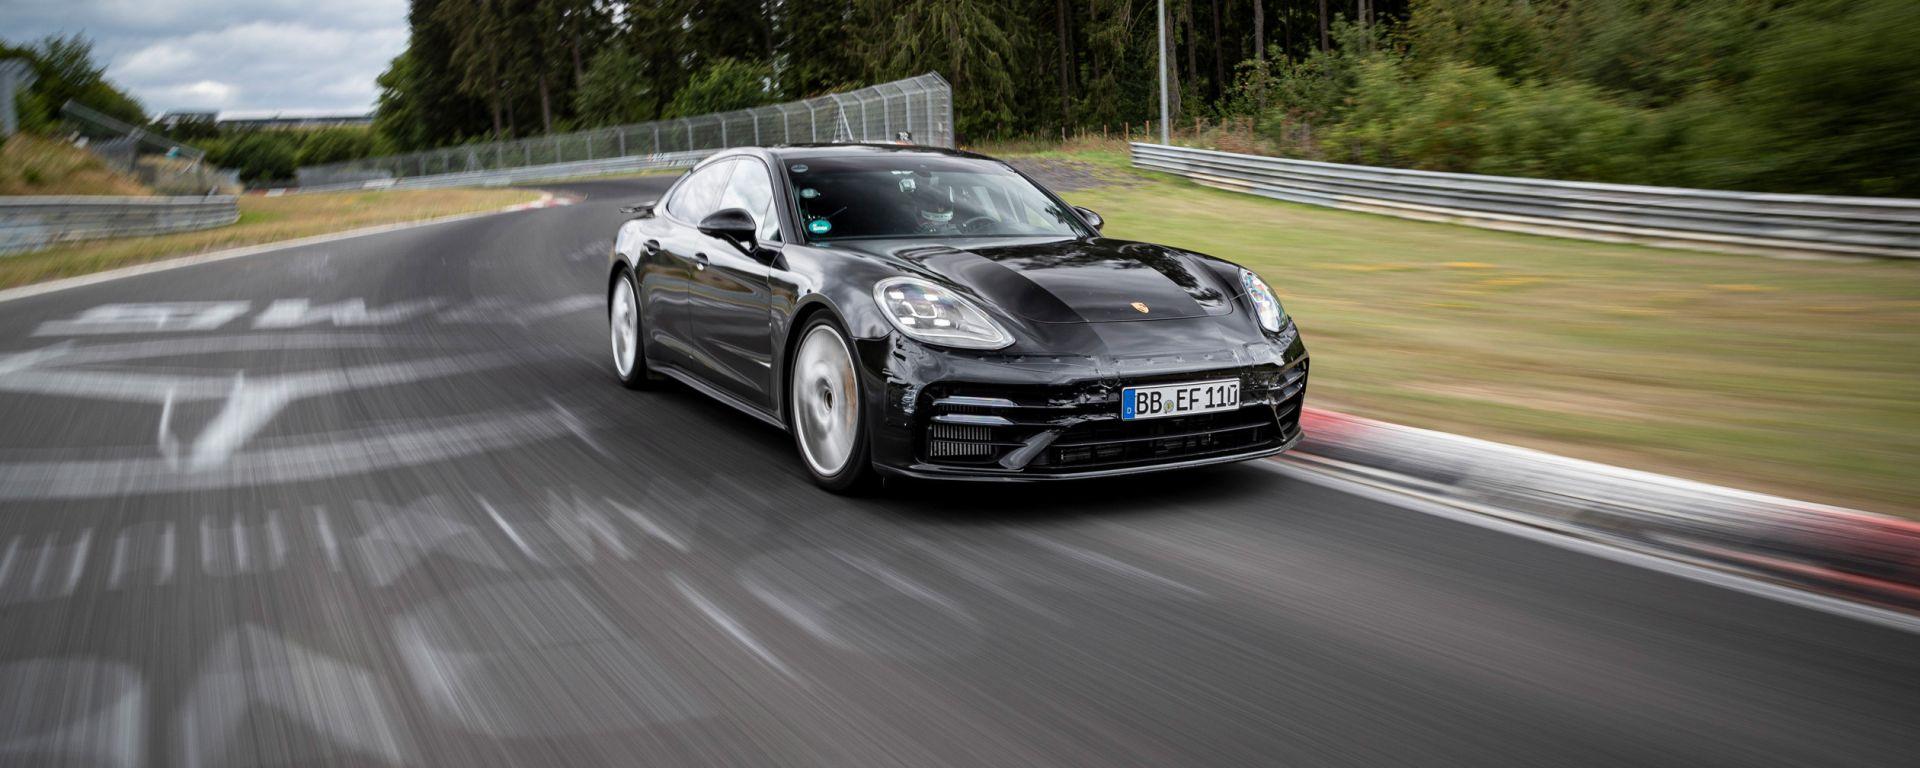 Nuova Porsche Panamera: è record al Nurburgring